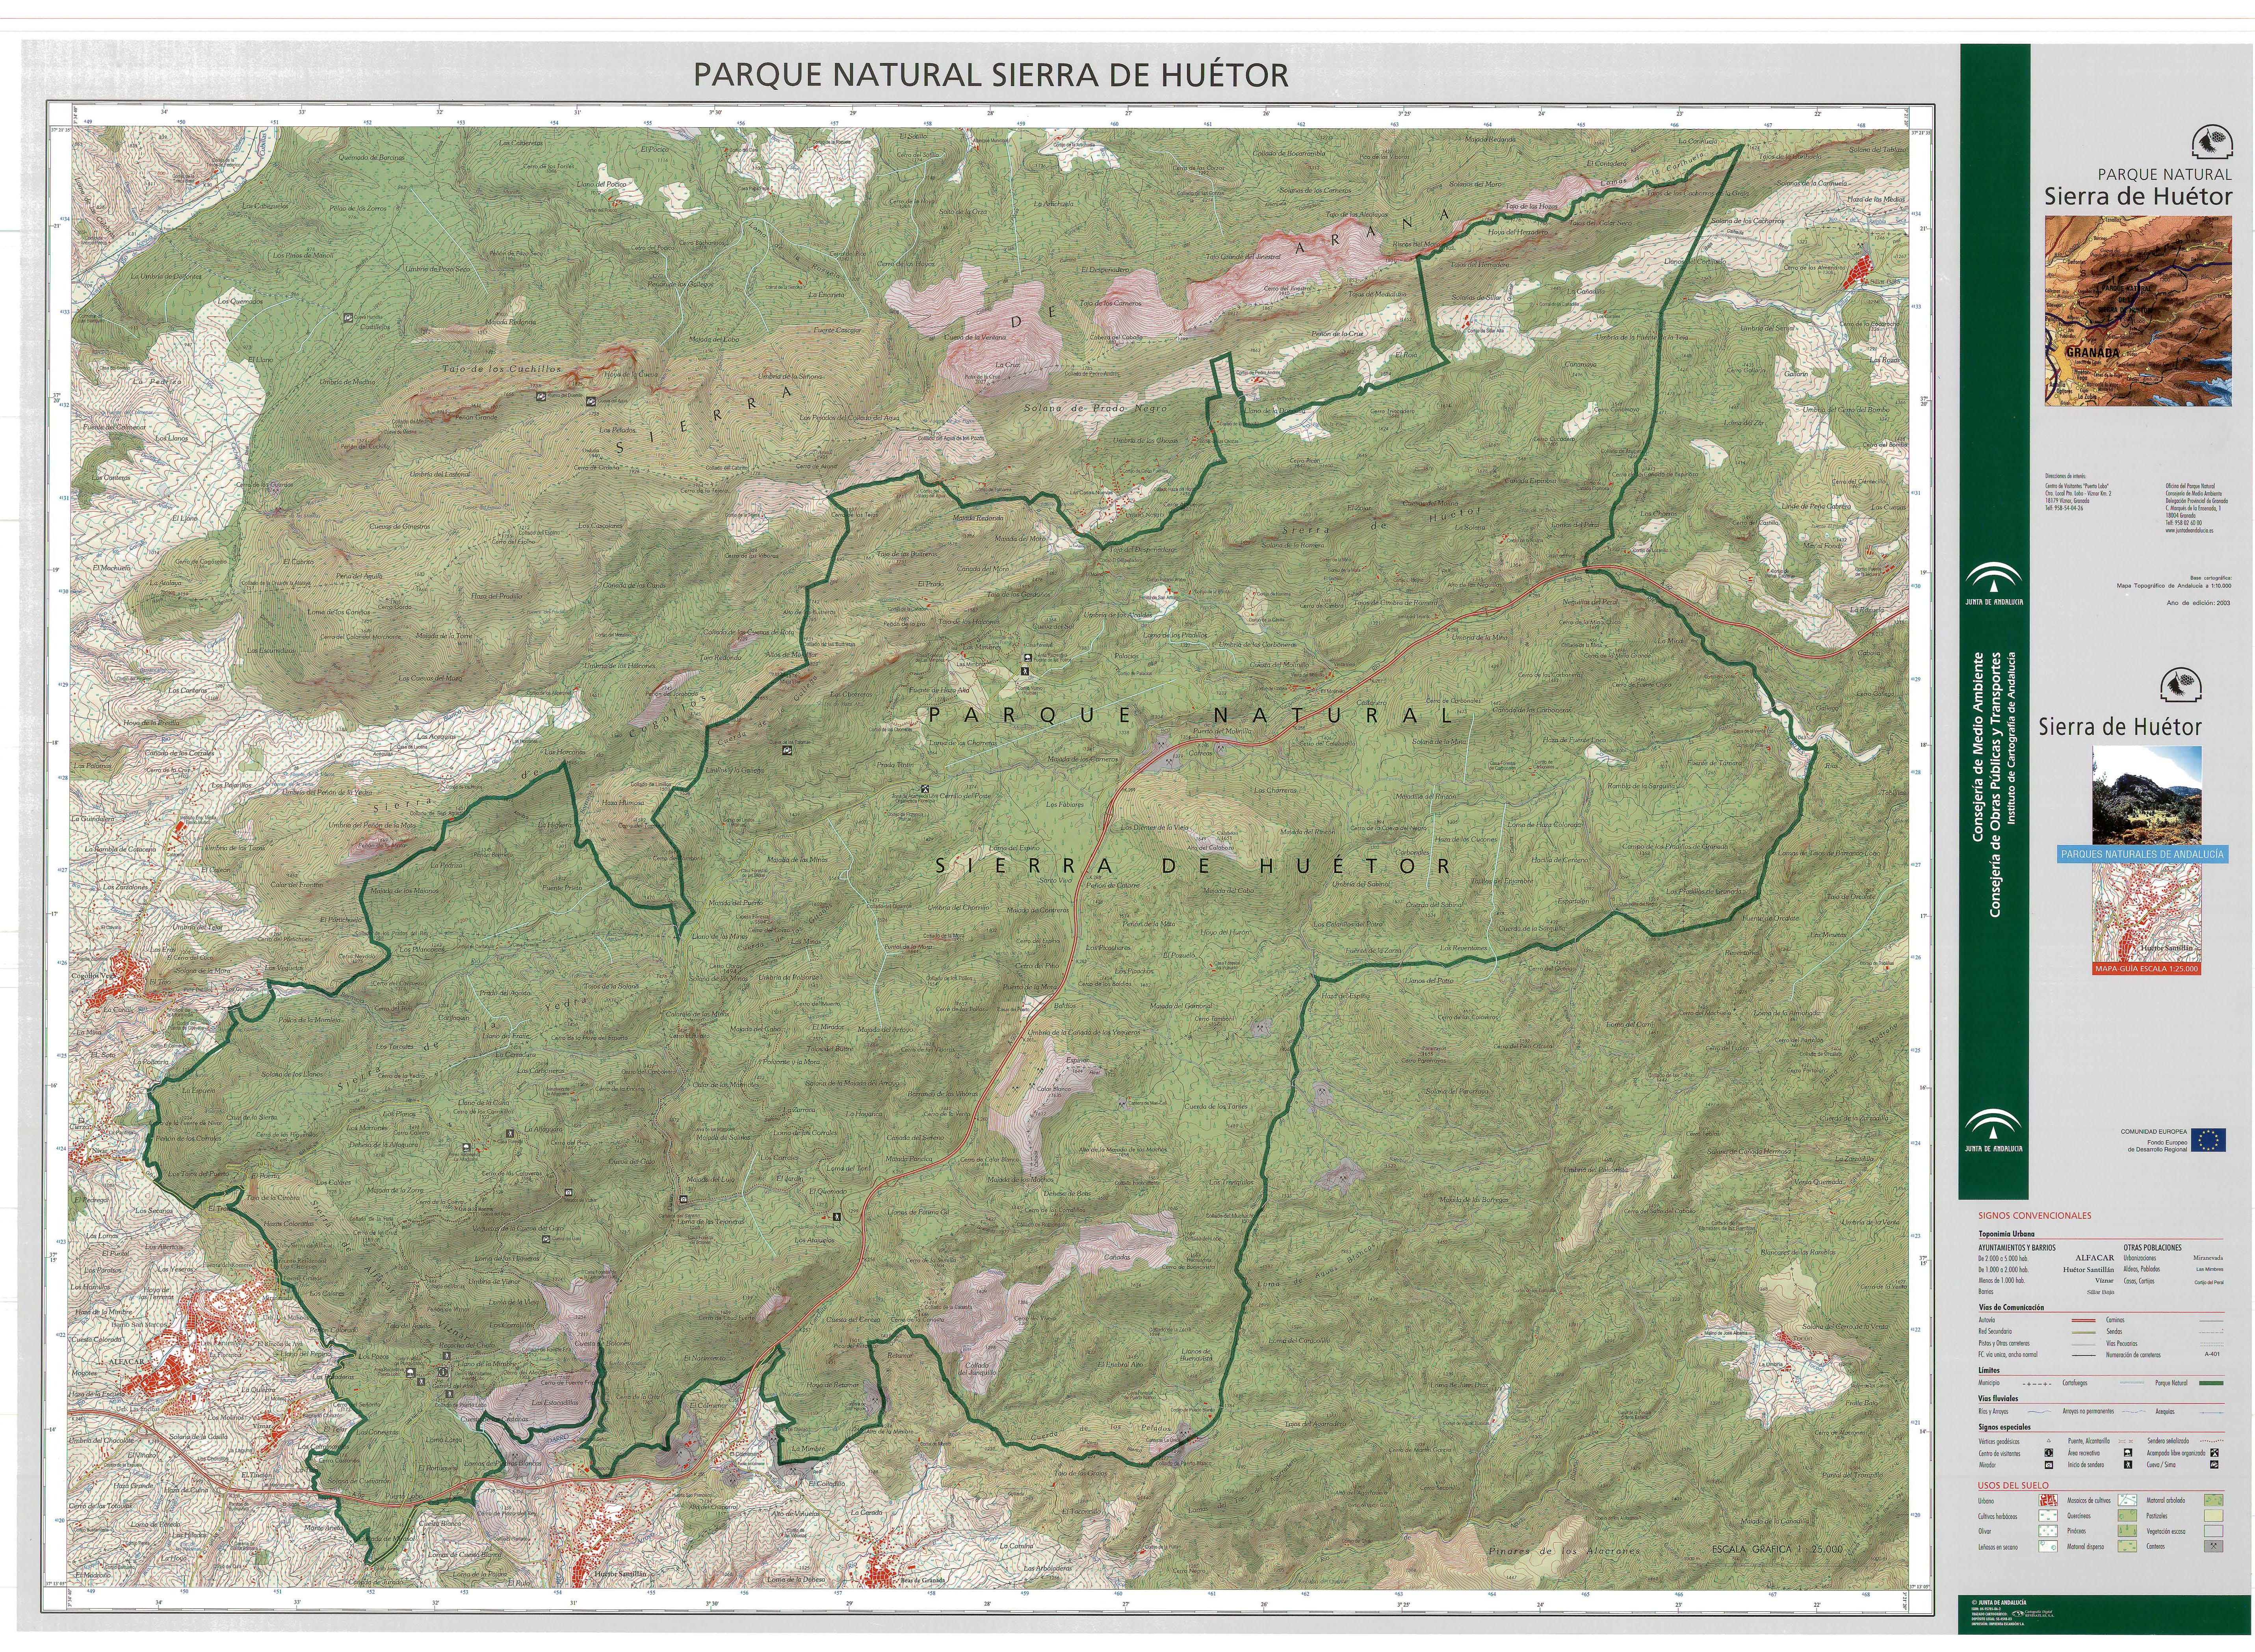 Parque Natural de Sierra de Huétor 2003